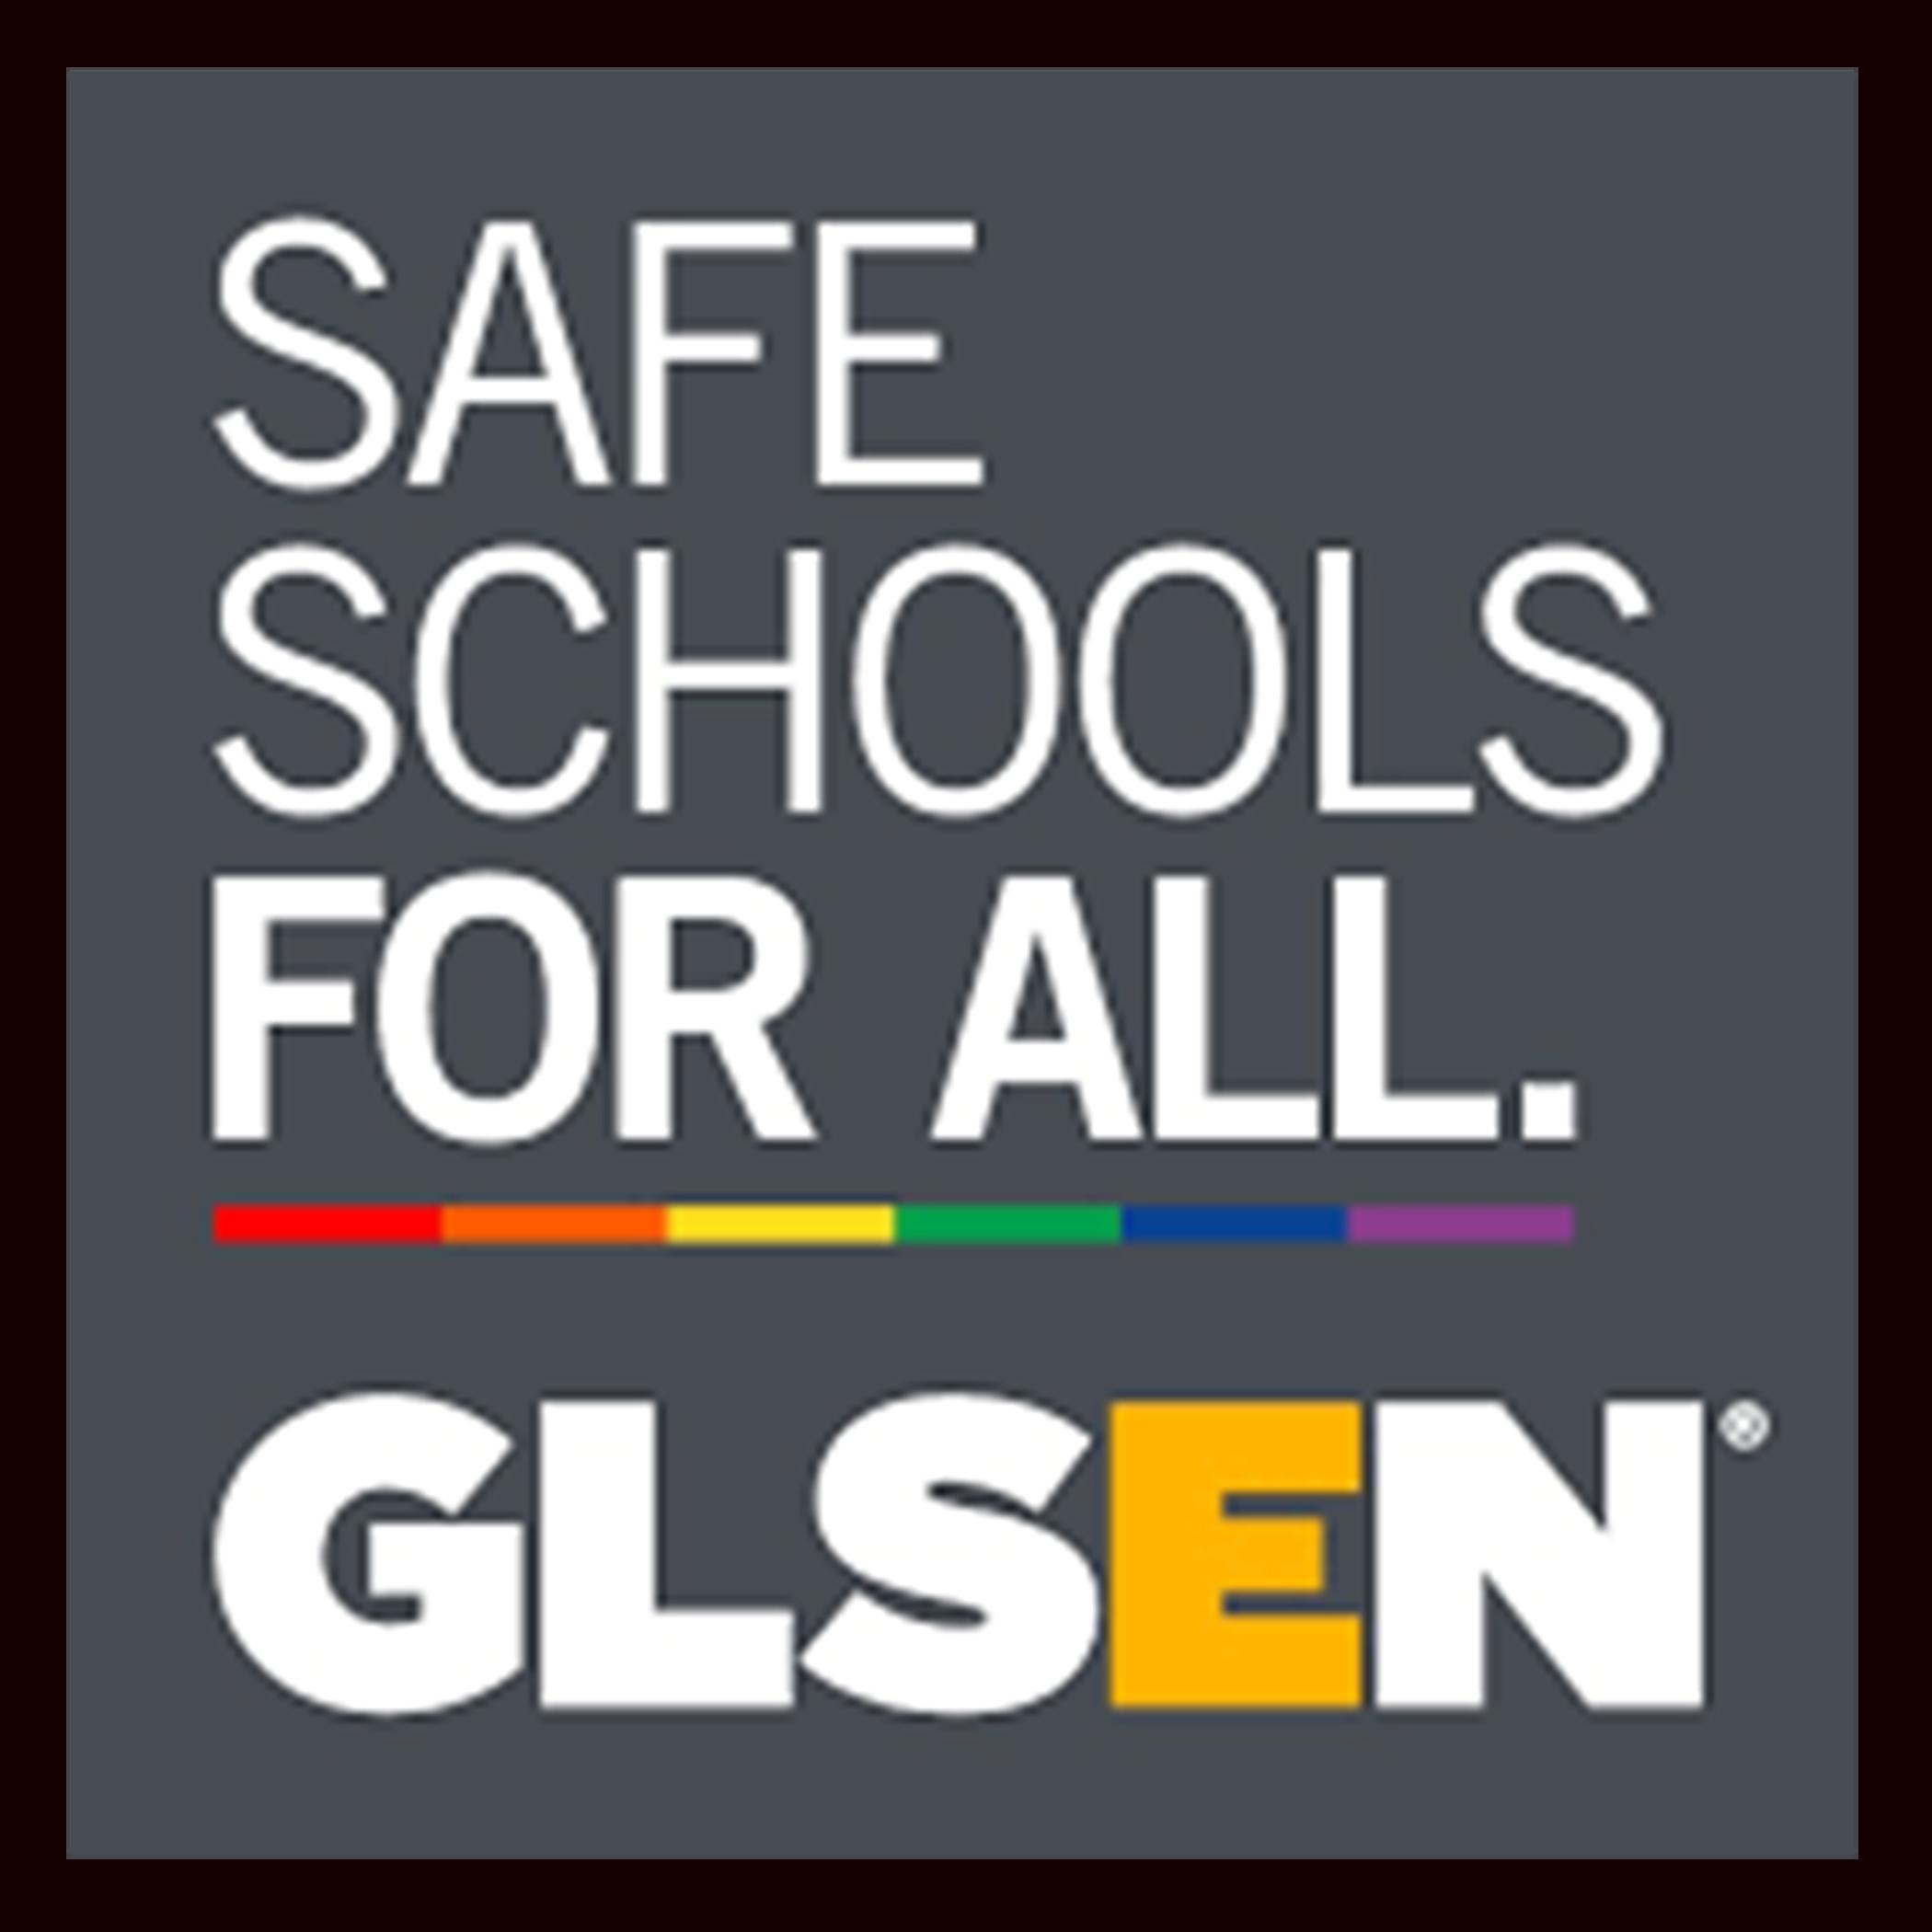 GLSEN Non-governmental organization